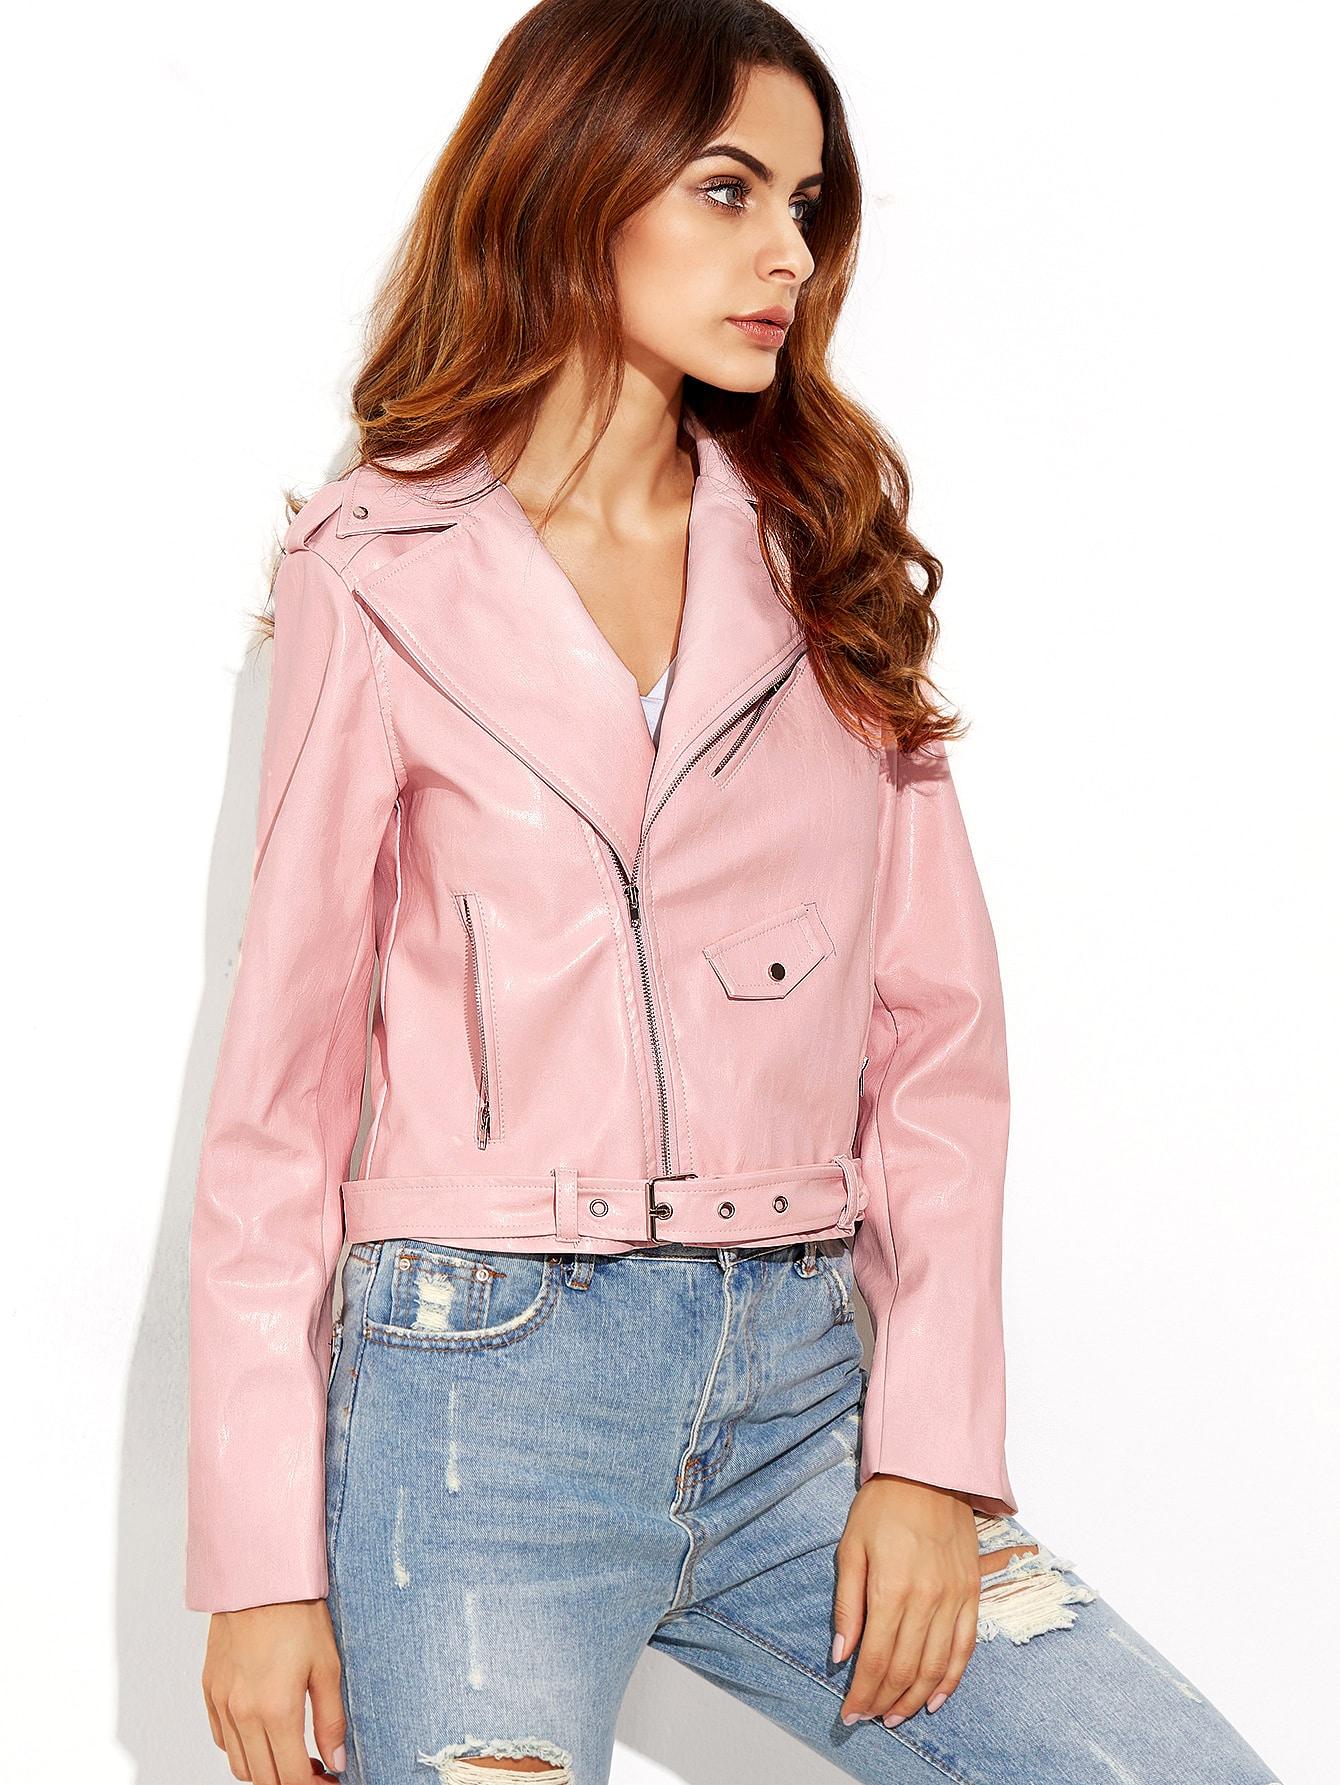 jacket160901703_2